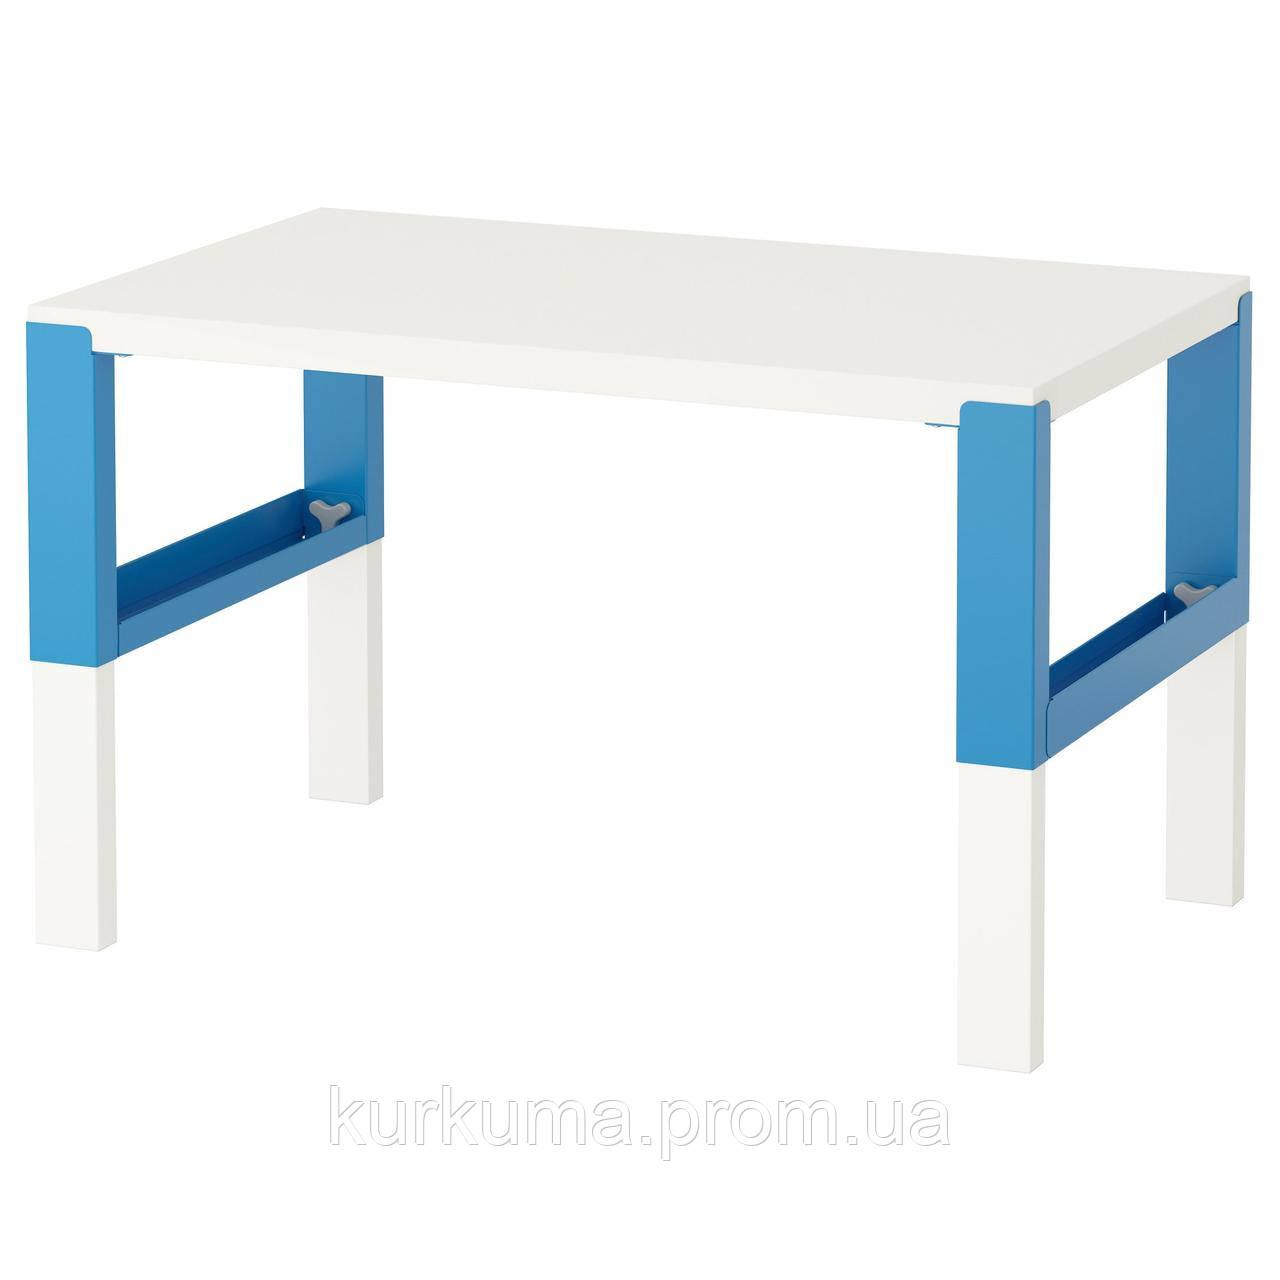 IKEA PAHL Стол, белый, синий  (791.289.39)